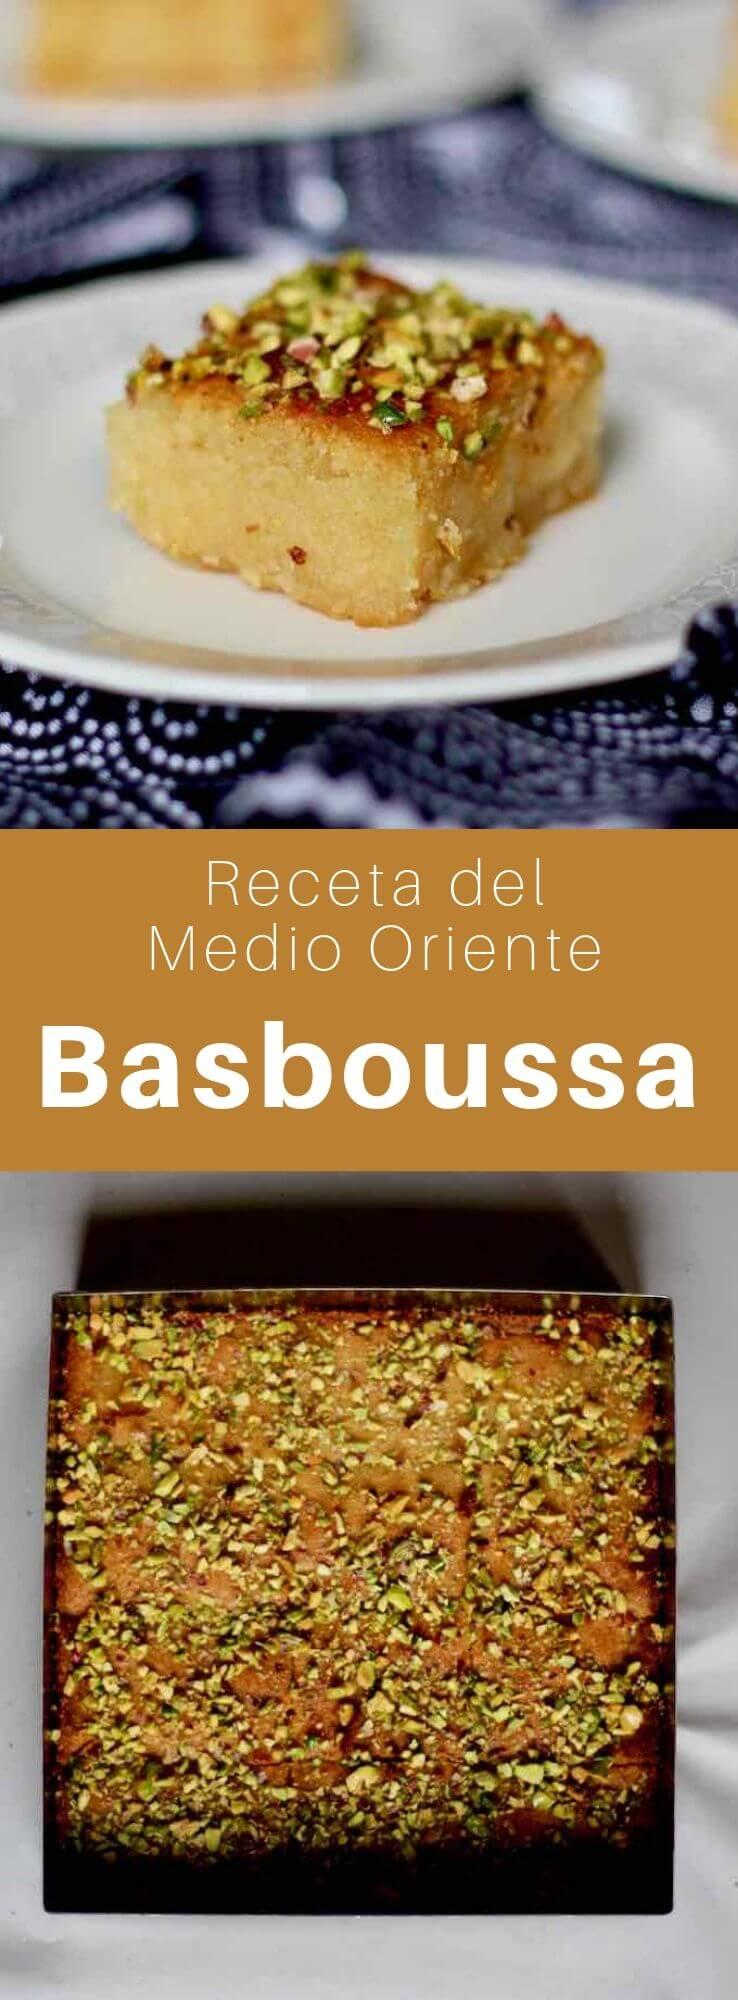 La basbousa es una masa típica de Oriente Medio, África del Norte y los Balcanes hecha de sémola y almendras molidas, que se empapa en un almíbar saborizado.